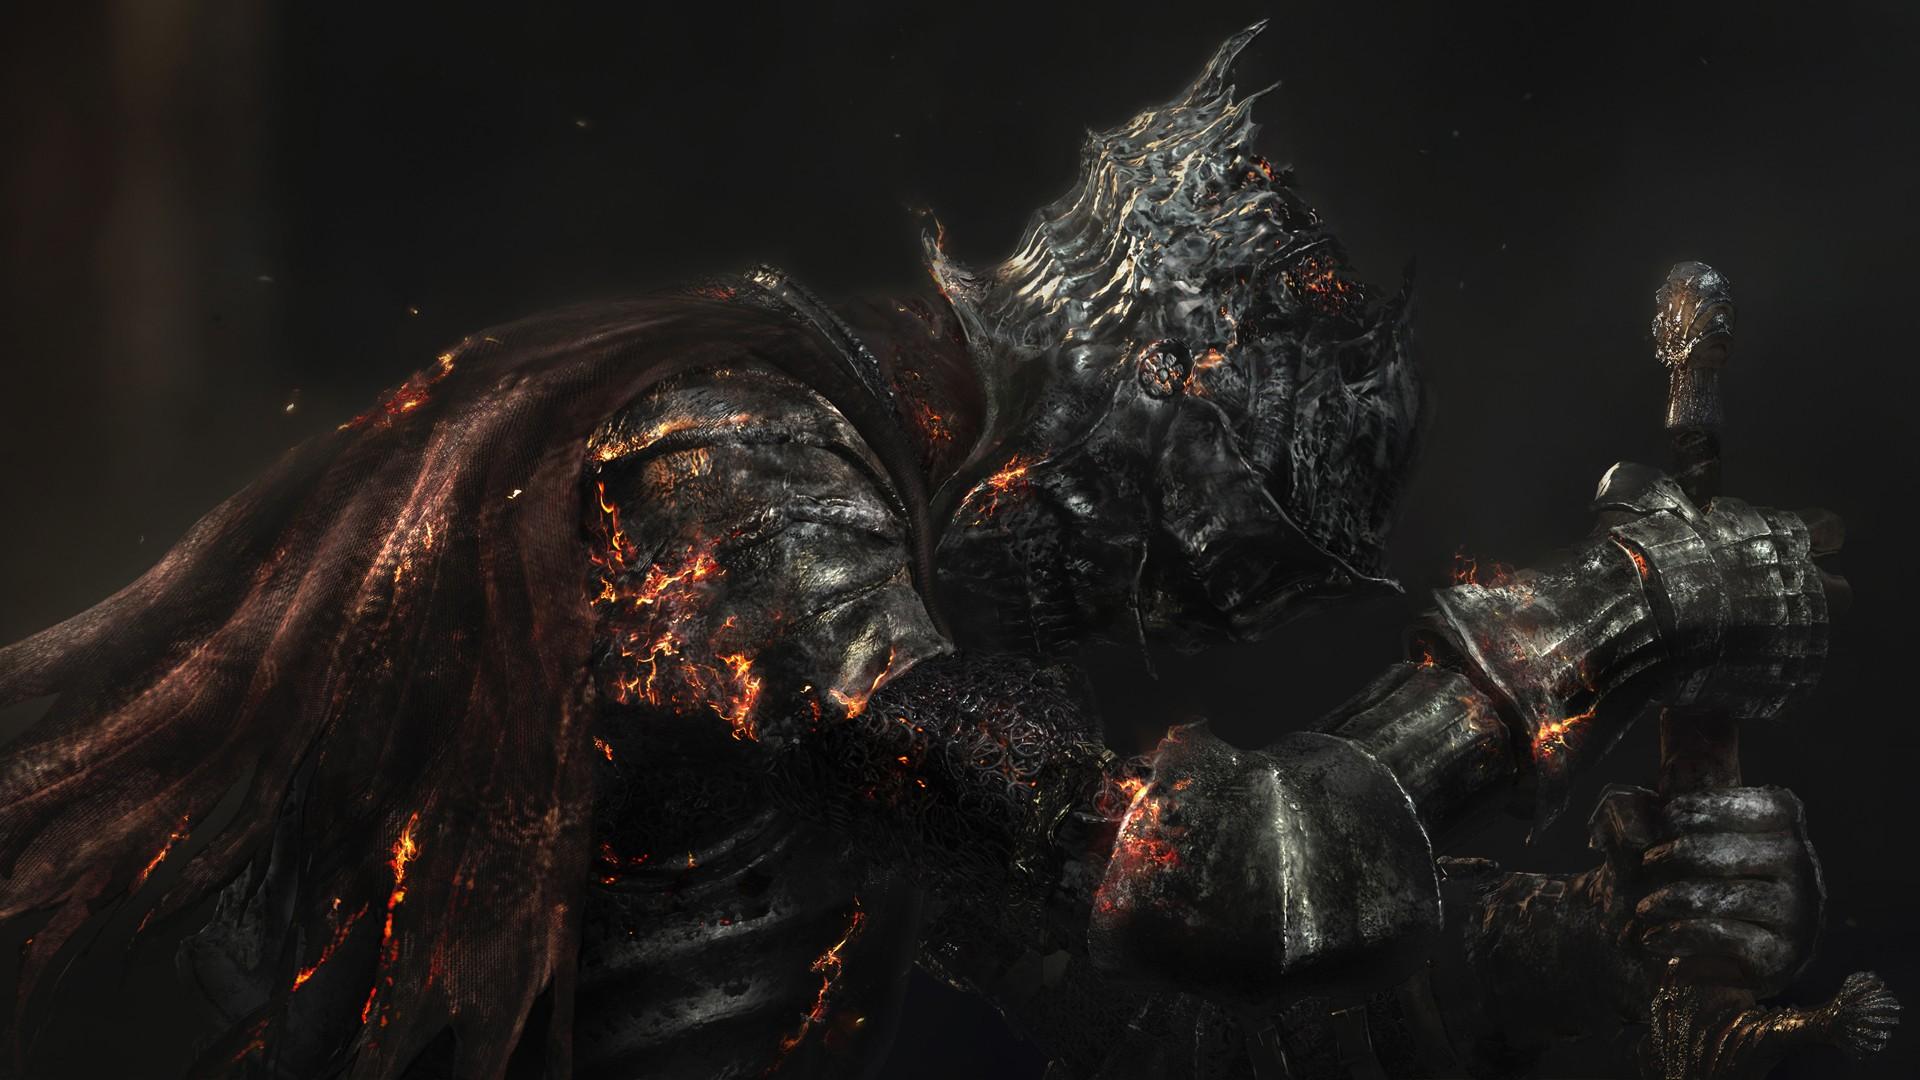 43 Dark Souls 3 Live Wallpaper On Wallpapersafari